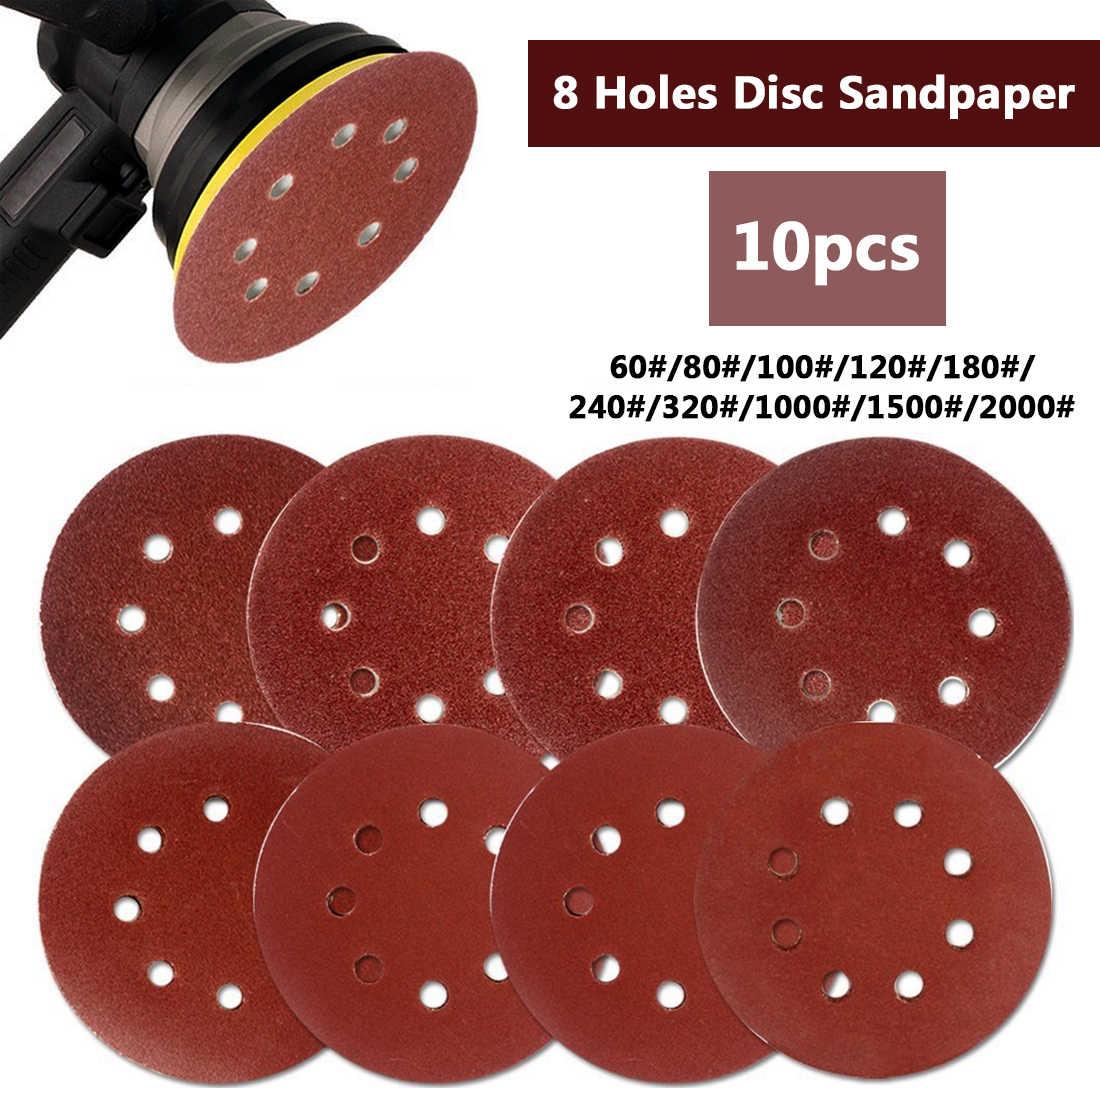 """10 шт. 125 мм 5 """"липучка шлифовальная бумага с 8 отверстиями для песка набор 60Grit-2000Grit шлифовальный диск абразивные материалы для полировальной машины"""